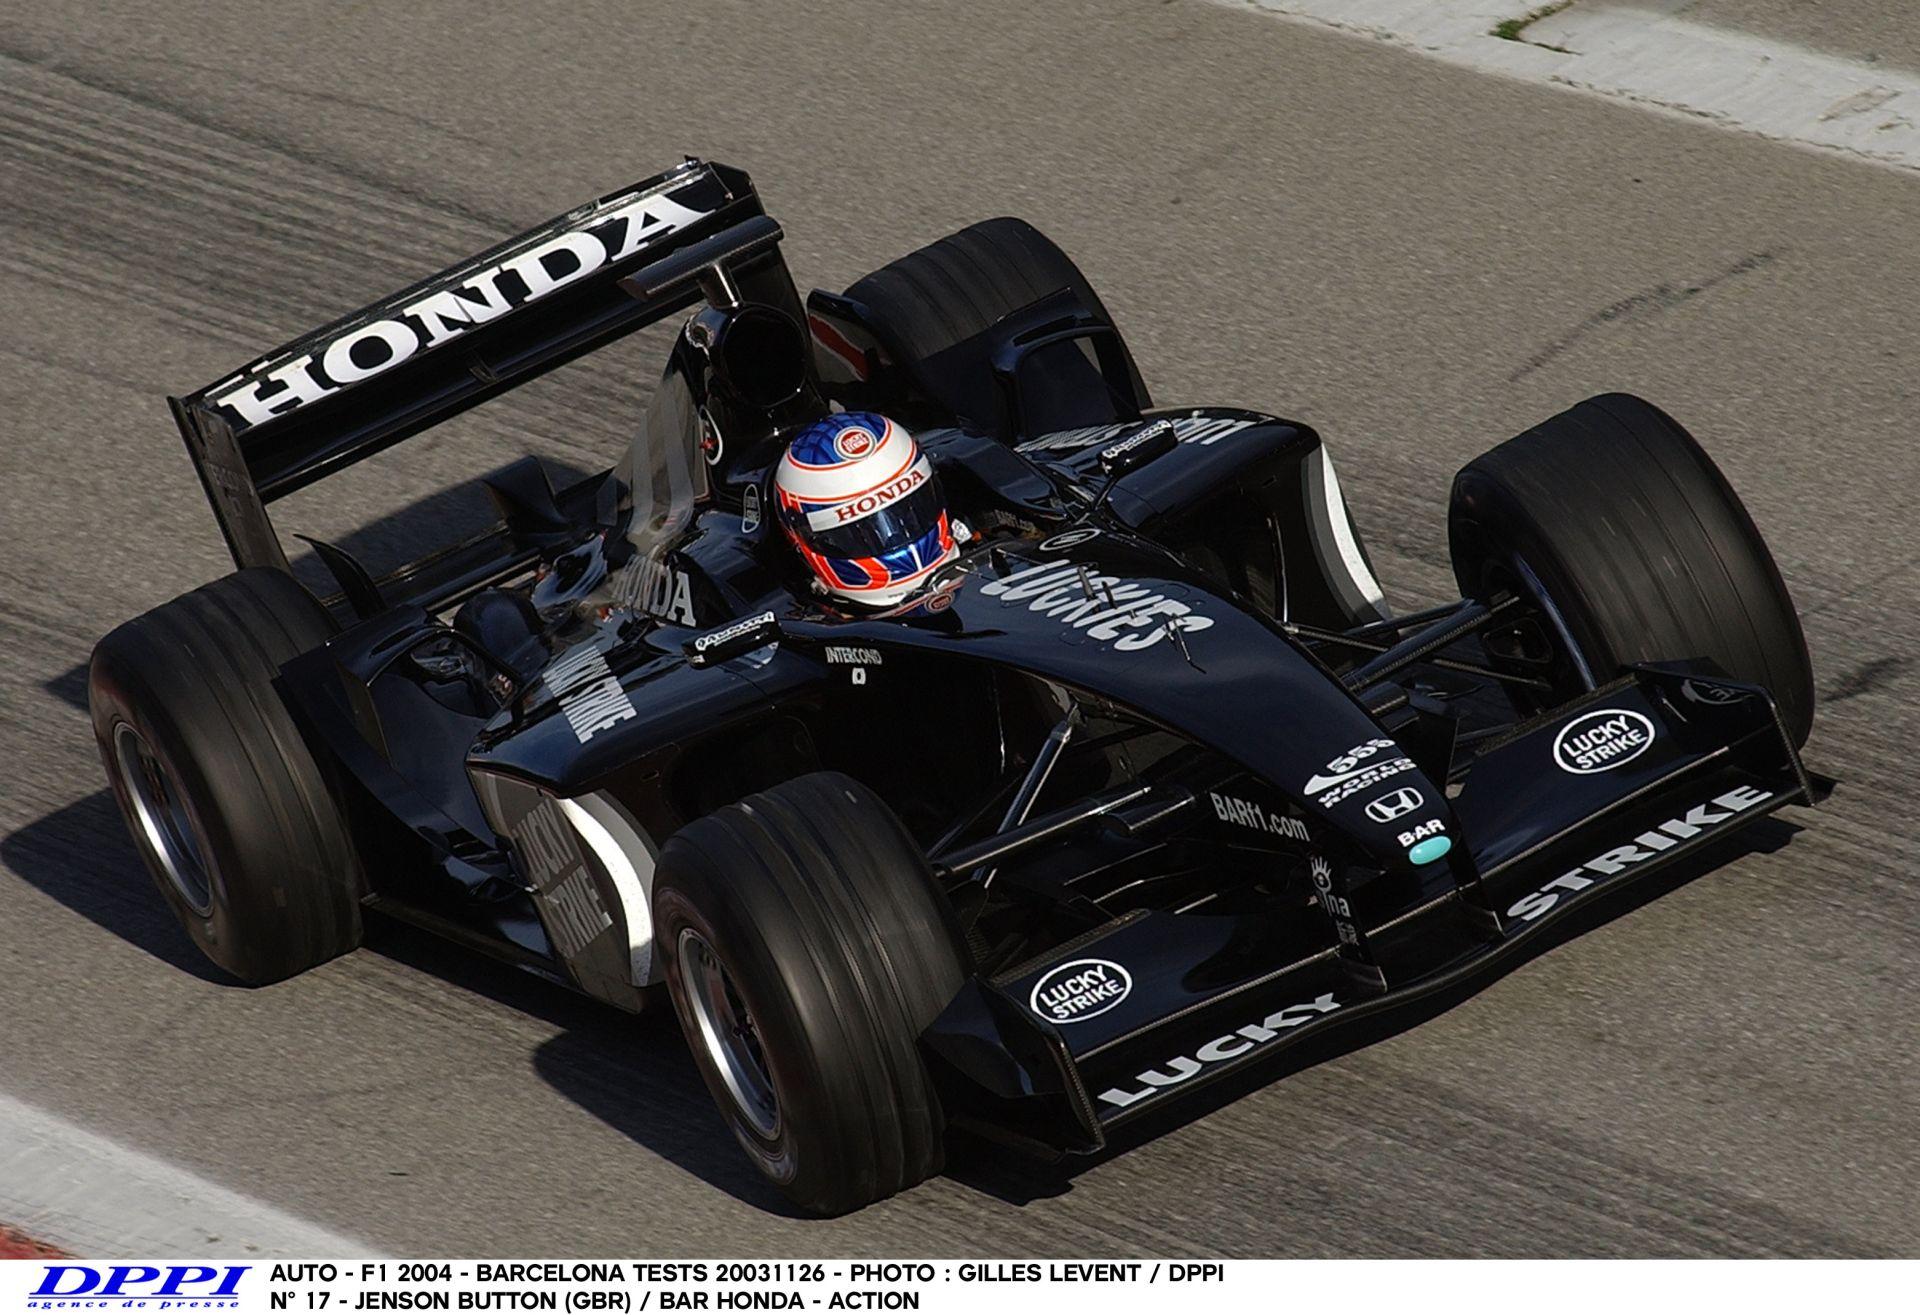 Megvan az időpont, hogy mikor kezdik meg az F1-es téli teszteket a csapatok jövőre